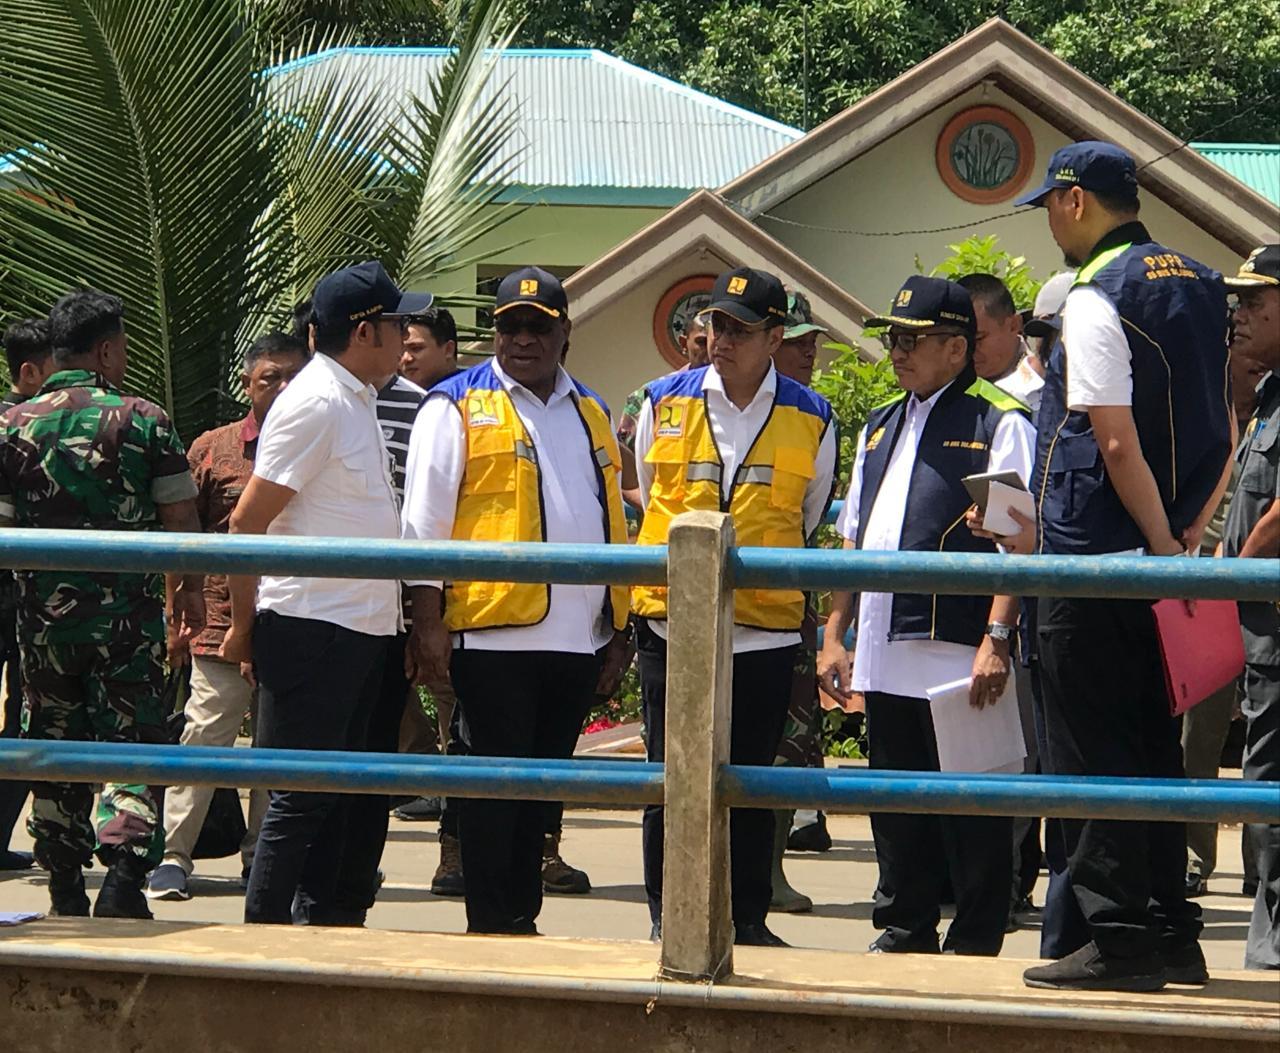 John Ceritakan Kenapa Presiden Getol Bangun Indonesia Timur